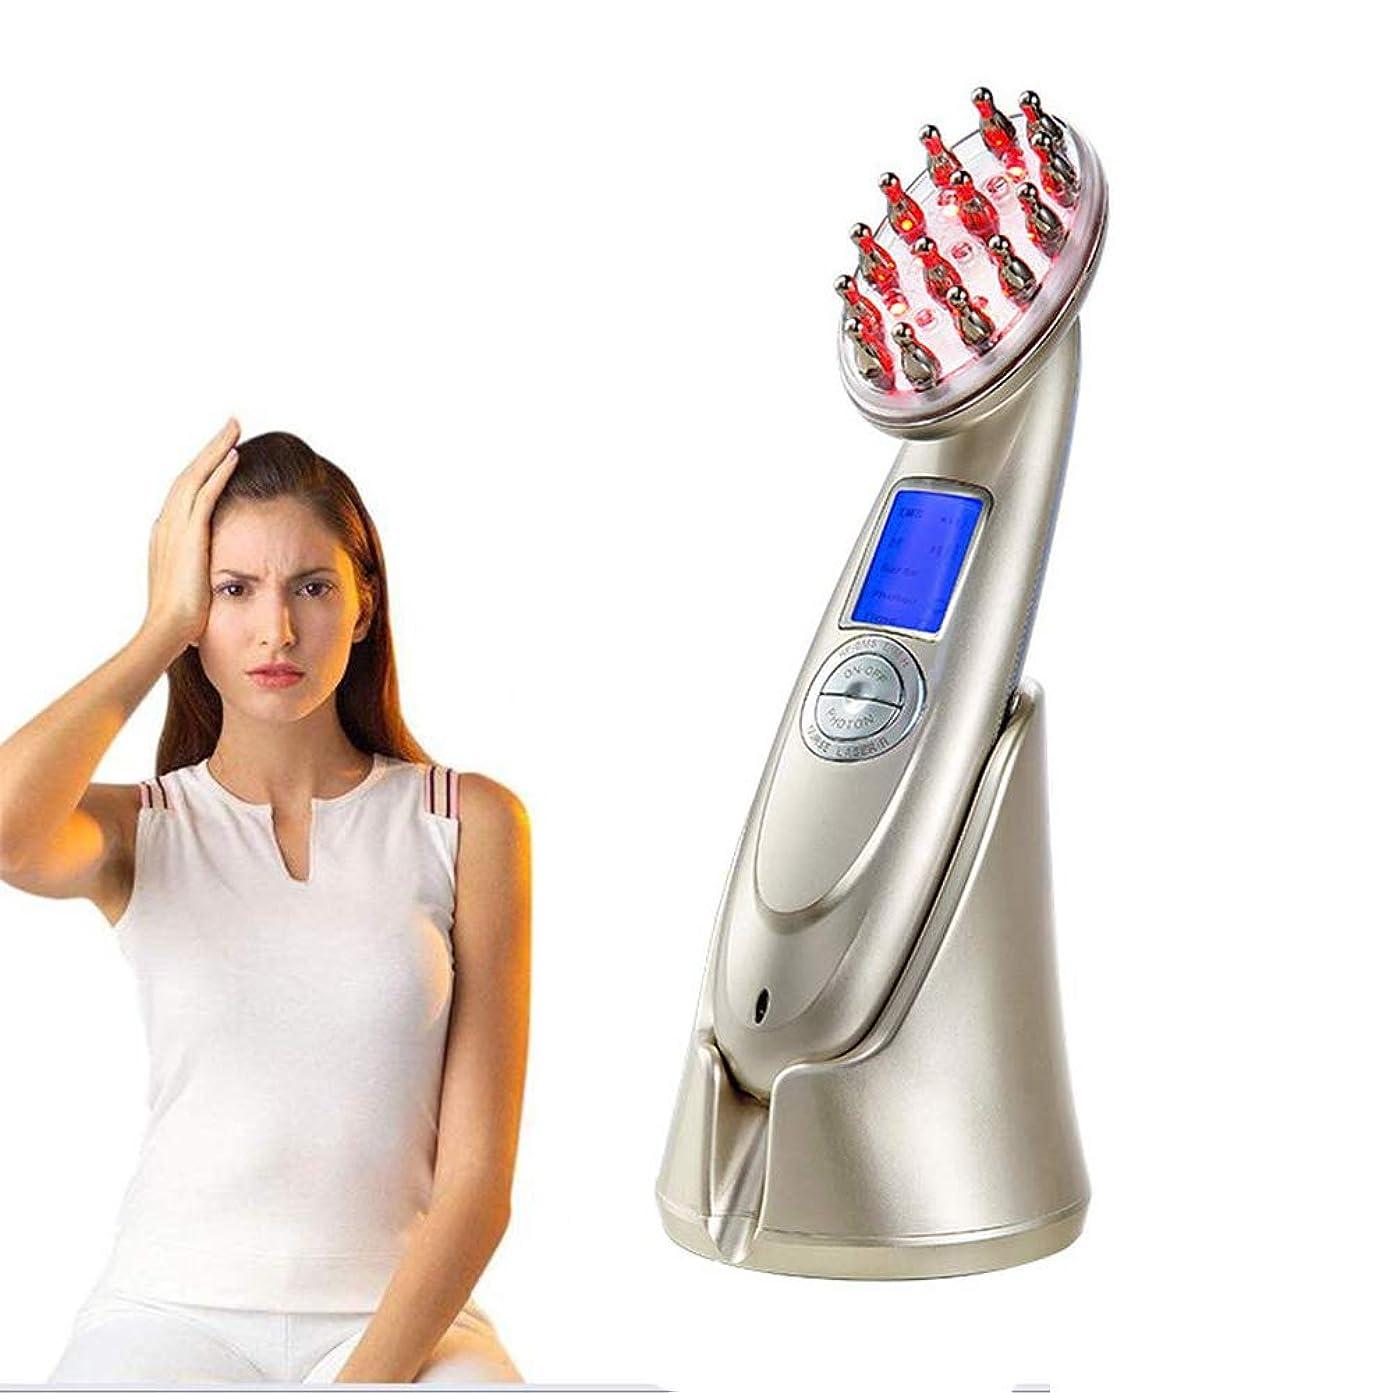 南途方もないモットー電気頭皮マッサージポータブルヘッドマッサージャーフォトンレーザーRFくしヘッドをリラックスして刺激する抗毛損失治療装置